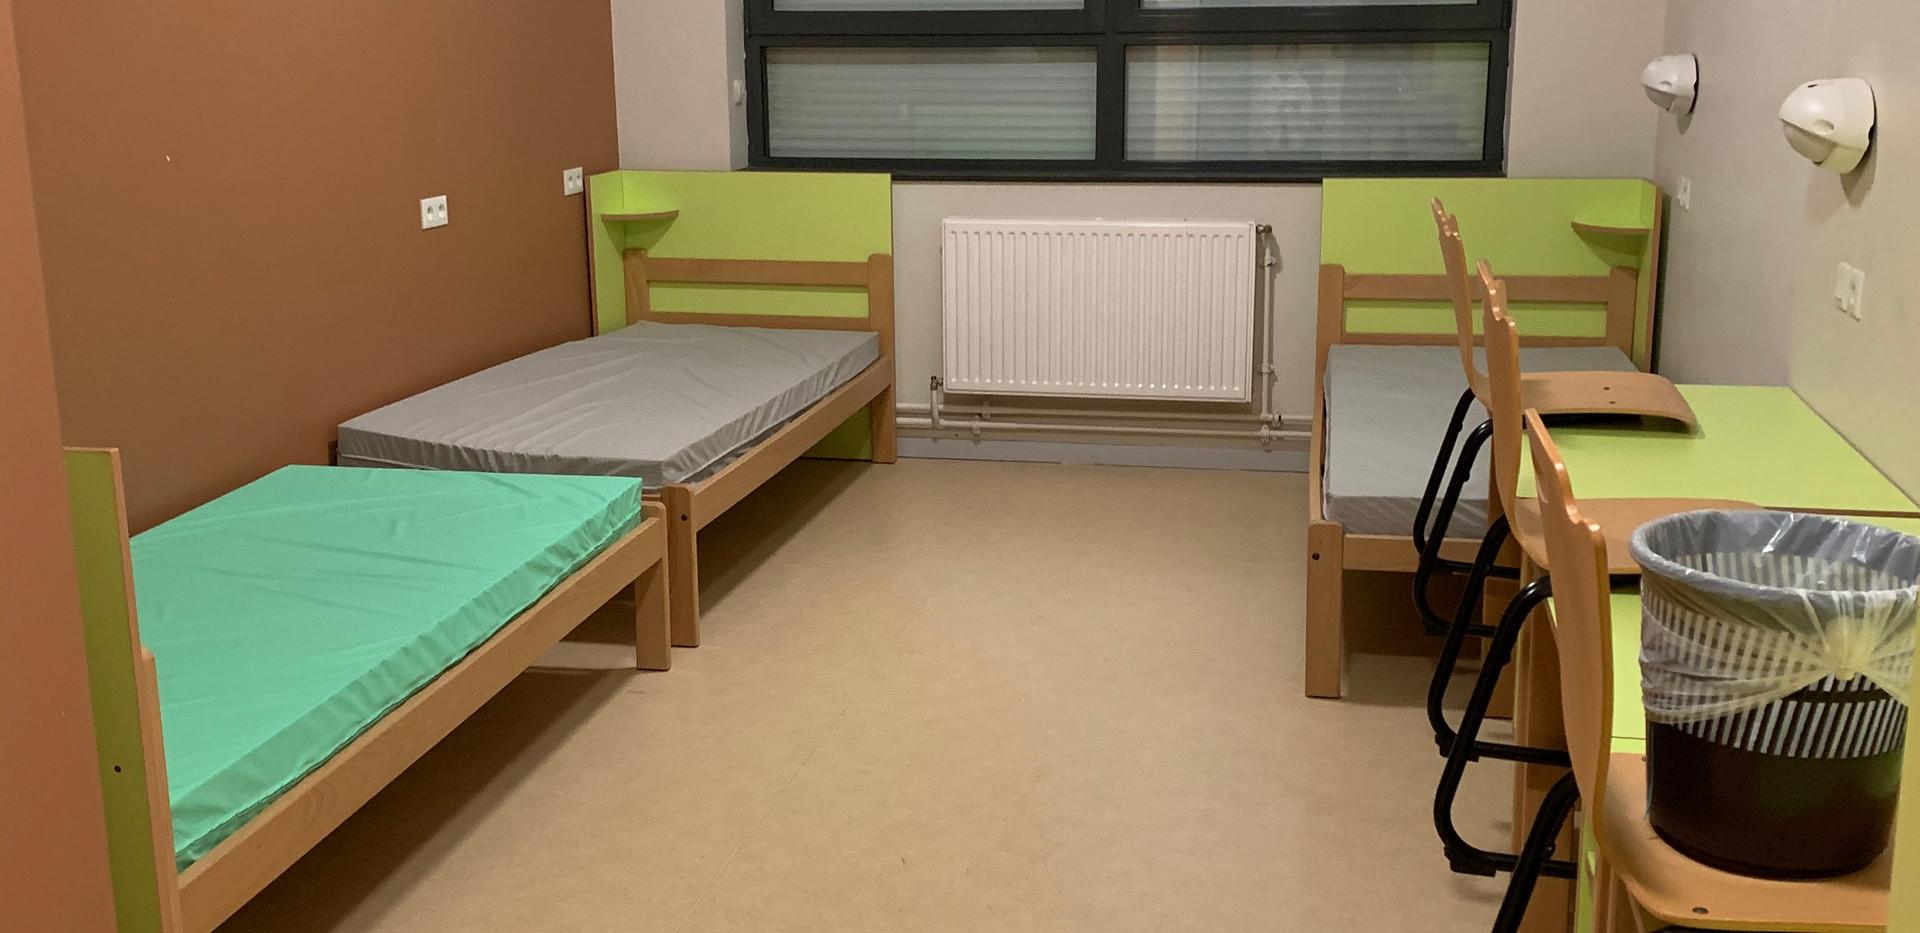 Chambre type internat 3-4